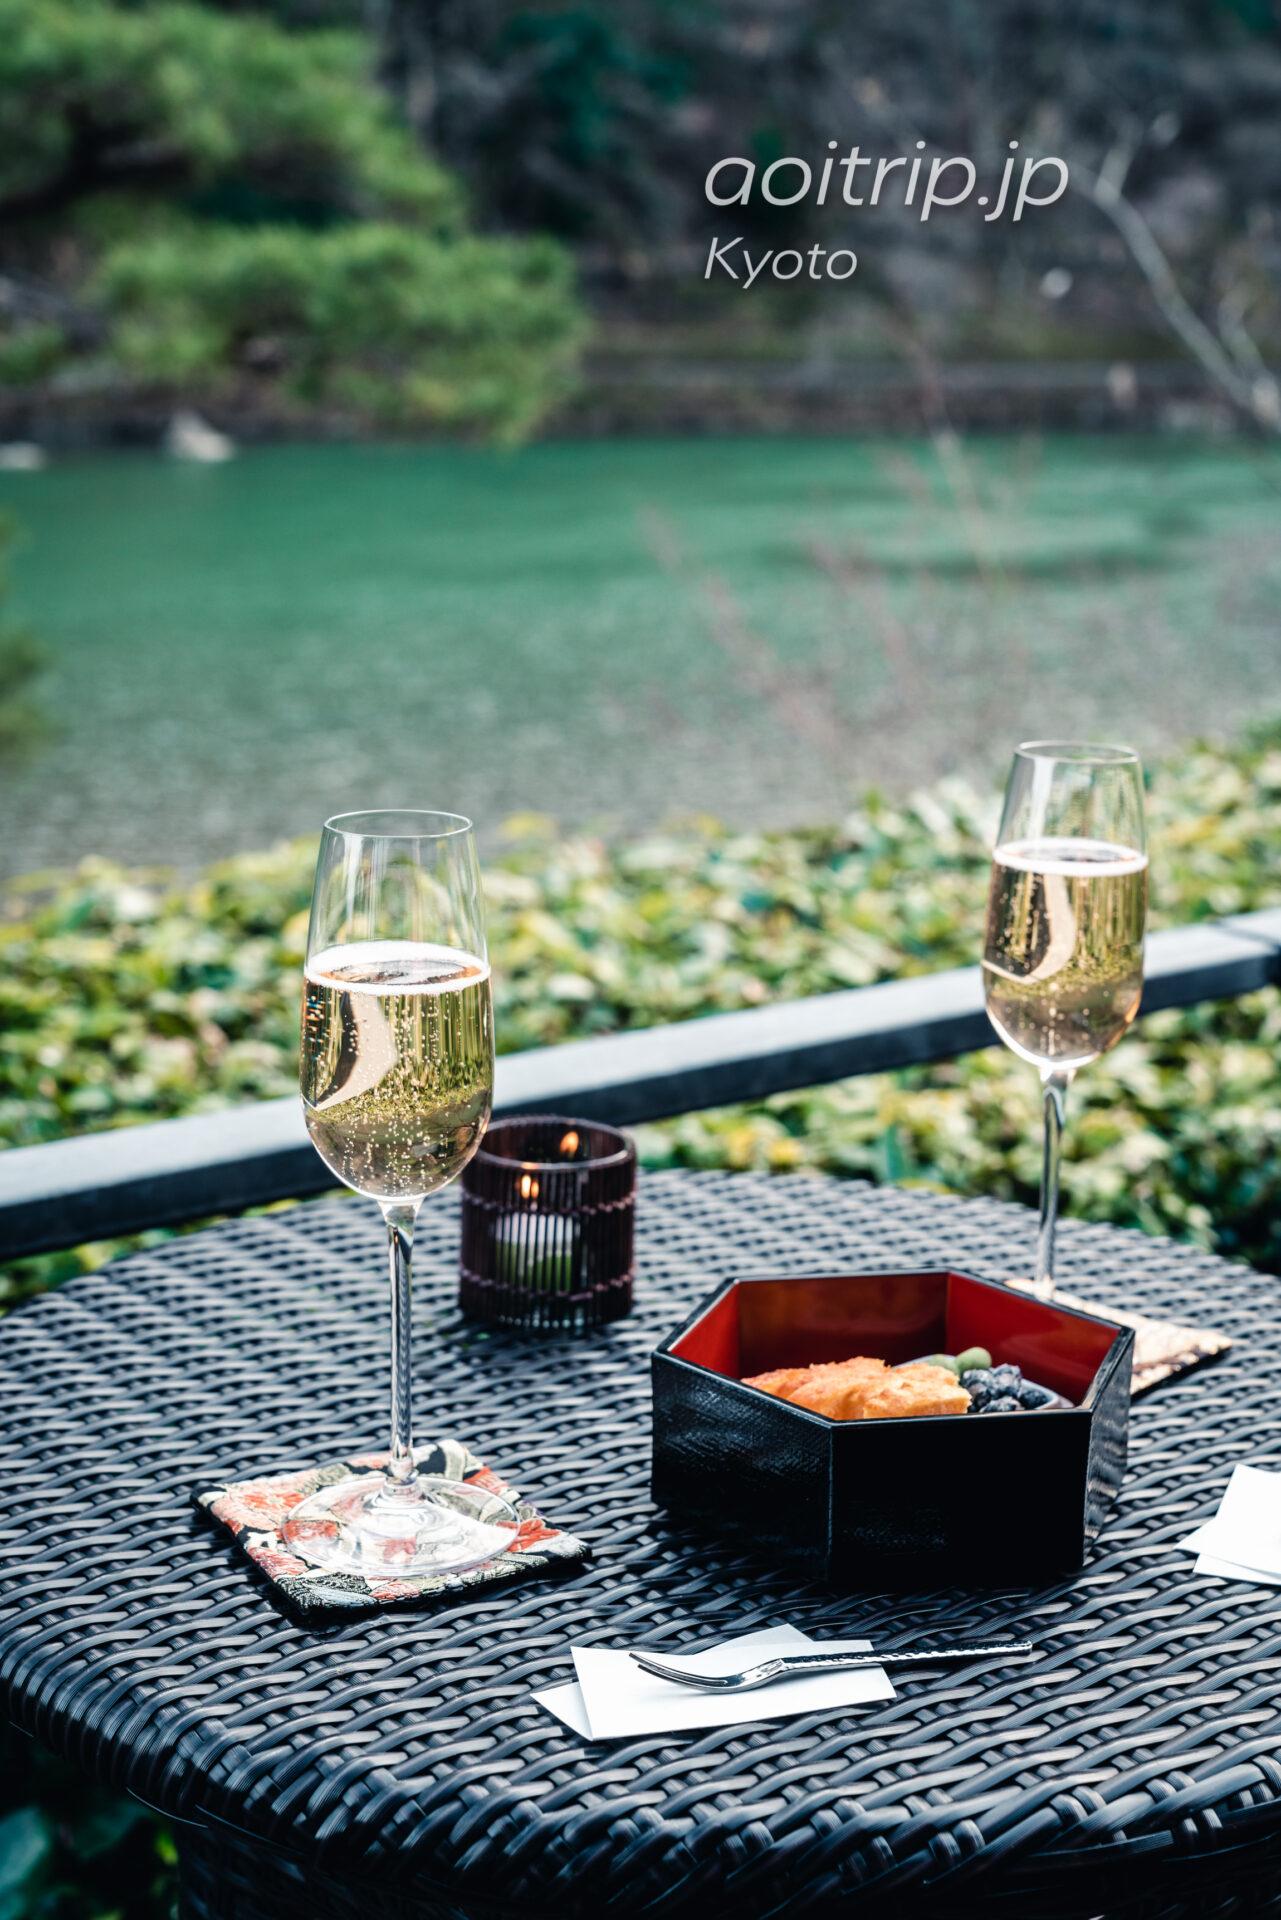 京都嵐山 茶寮八翠のシャンパン ディライト